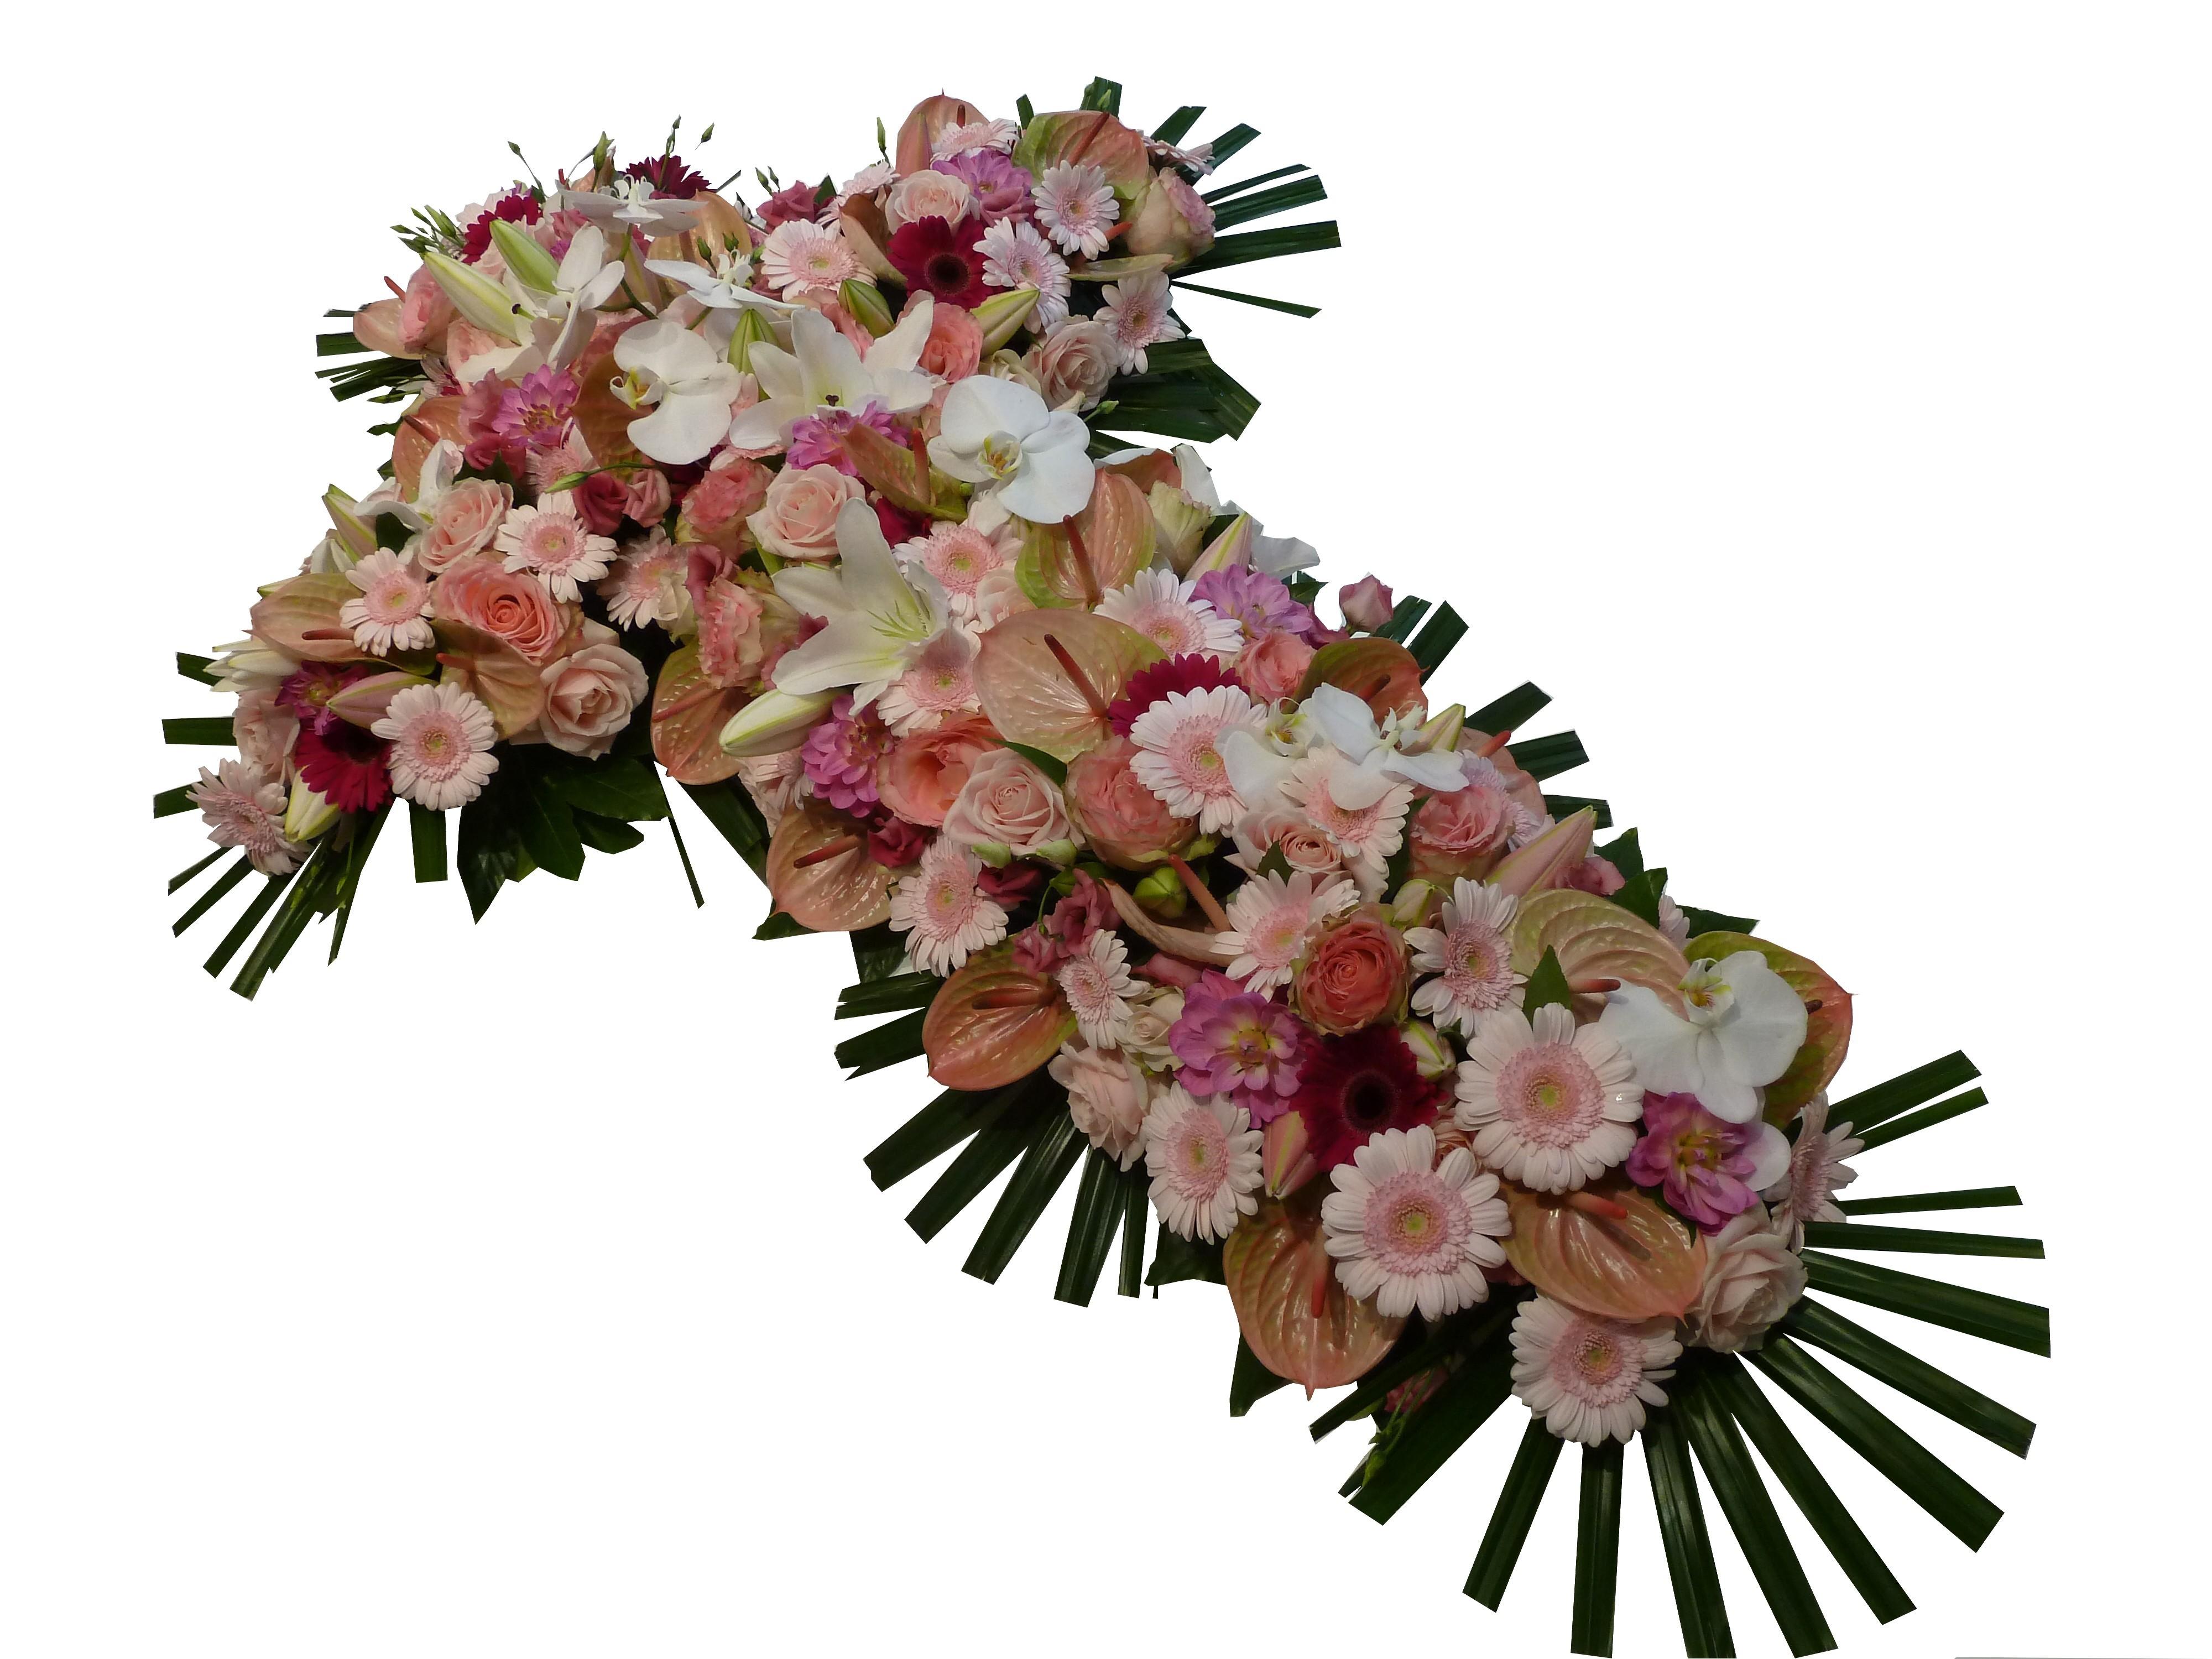 Saint cloud livraison de fleurs envoi de fleurs croix for Livraison de fleurs rapide